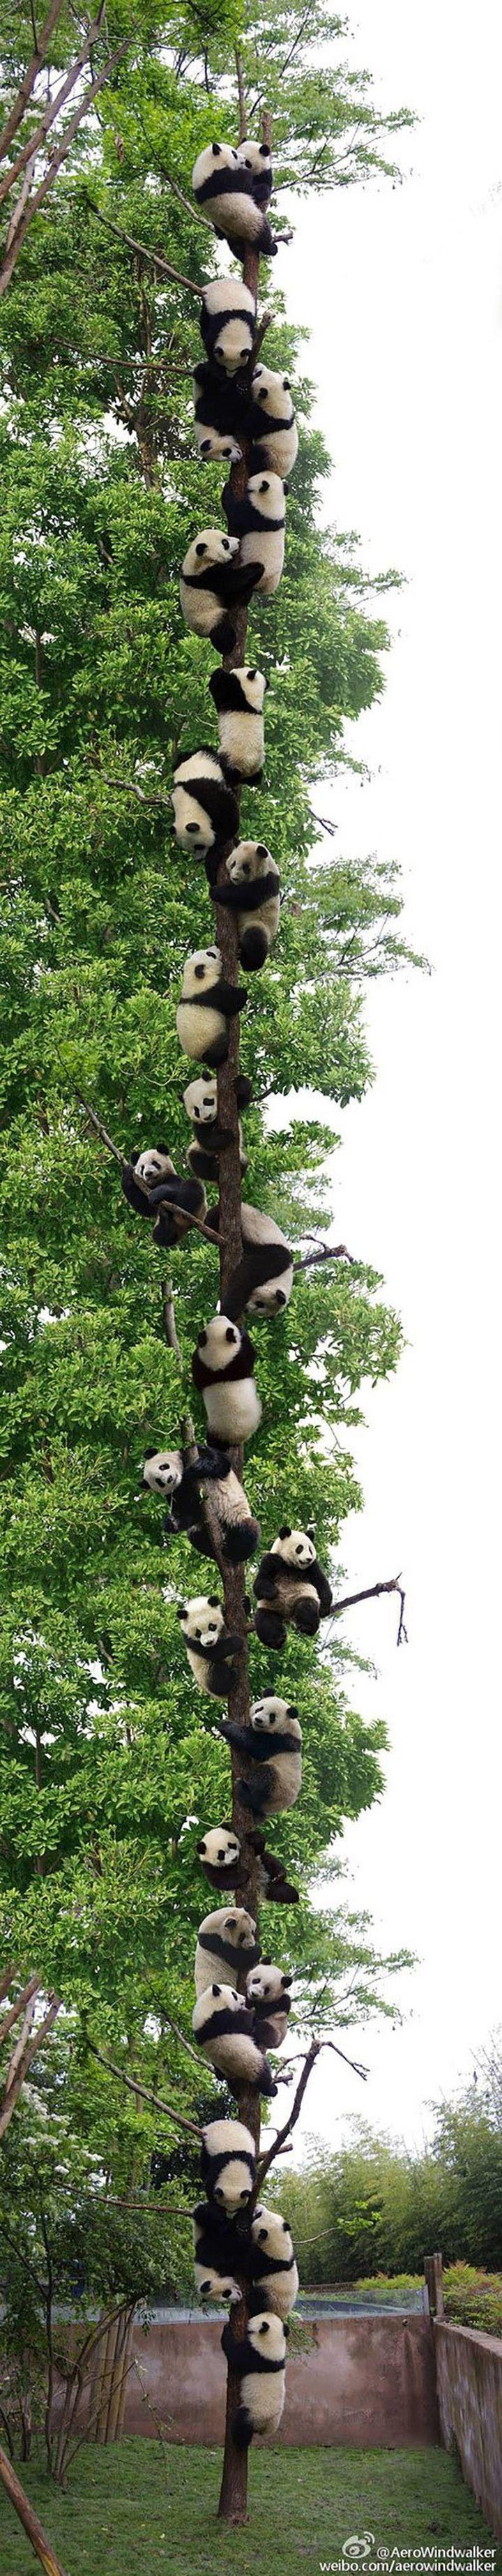 Drzewo Pandałowe